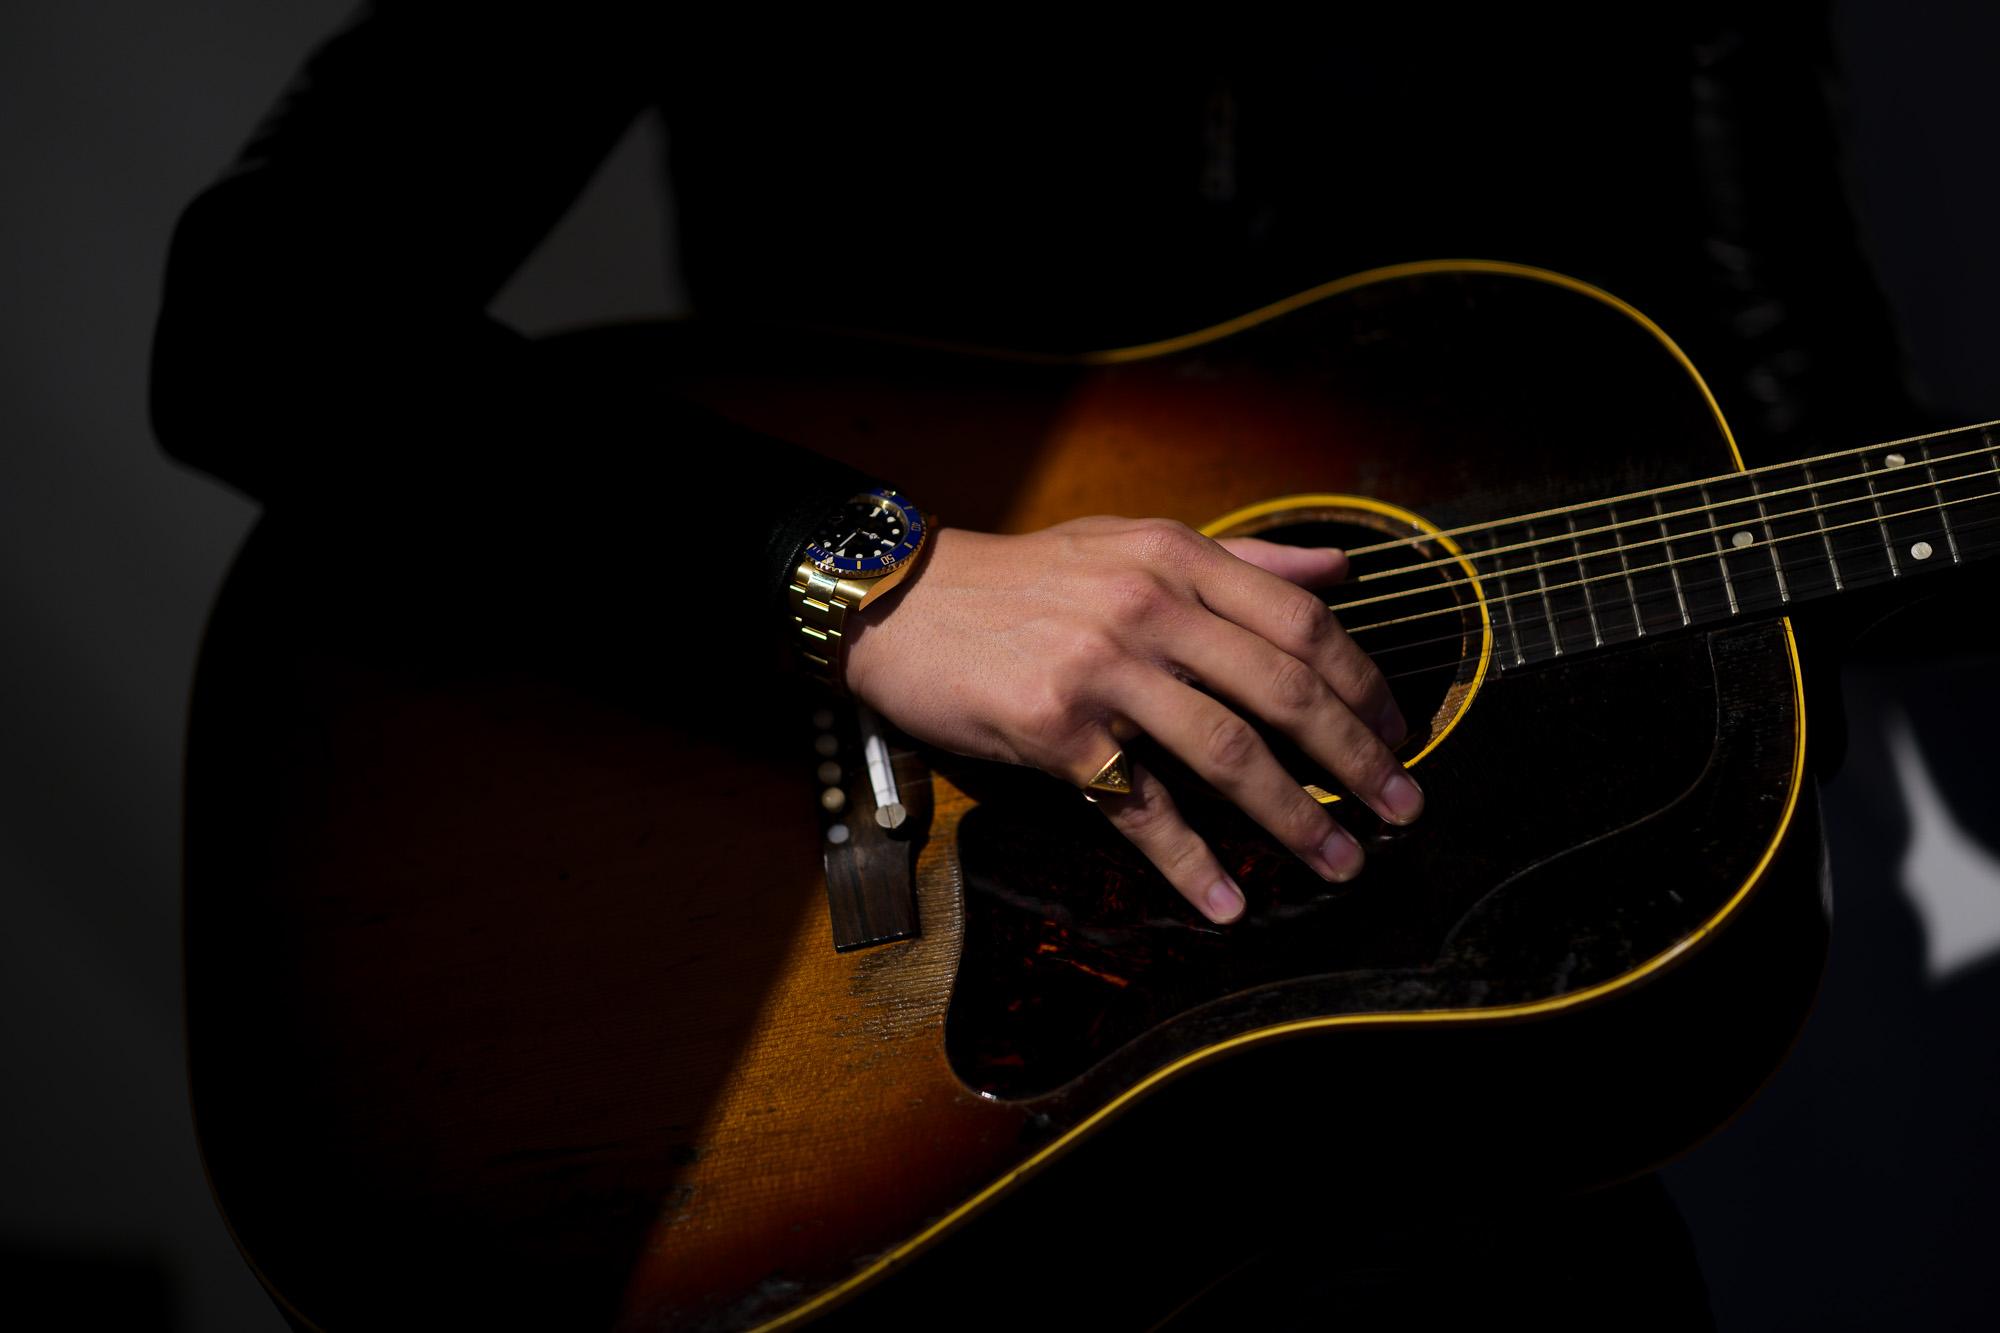 """FIXER(フィクサー) ILLUMINATI EYES RING 18K GOLD イルミナティ アイズリング GOLD(ゴールド) 【ご予約開始】【2020.4.11(Sat)~2020.5.03(Sun)】 愛知 名古屋 Alto e Diritto アルトエデリット 18金 リング Gibson ギブソン J-45 1959年製 ビンテージギター """"59"""" Gibsonマニアには特別な響きで神格化された一年。  ヴィンテージ専門に扱えるリペアマンに細部の調整を依頼。特にフレットを一度抜き溝をクリーニングして貰った事によるプレイアビリティ、サウンドスティーンの向上は、この個体のポテンシャルを更に高めました。半端ないオーラーを放つプレイヤーコンディションの別格品。無数の傷跡、塗装の剥げ落ちもなんのその、そのルックス、更にはサウンドにはただただ息をのむしかありません。コンディションは、ご覧のように全身びっしりと入ったウェザーチェック、ネック裏やバックを中心とした塗装剥げがあります。ピックガード際クラック修正済み、ボディトップ1弦側下部に鋭く穴が開いたような形跡が3ヶ所ほど確認出来ます。バック6弦側ウェスト付近に長いクラック修正が2か所あります。サドルは近年の初期セラミック復刻物が取り付けられていて雰囲気も抜群です。ブリッジプレートはおそらく同型のメイプルにて交換され、弦によるえぐれなどがなくサウンドの肝をしっかりと捉えてくれています。ナット交換、リフレット済みで、見た目と裏腹に物凄く手入れがしっかりとされています。ネックグリップは59年にしては比較的薄めで非常に使い易く馴染みます。漆黒のハカランダ指板は密度が濃く、サウンドの芯を確実に形成しています。採用期間の短いデカネジアジャスタブルサドルもポイント。上塗りのラージガード上にも無数に走るウェザーチェックが痺れます。ヘッドエッジが歴戦の中でも丸みを帯びているのも、抱える時に塗装面がザラっとするのも引き始めた時サウンドホールから溢れるアメリカの香りも全てがトップランク!チップボードケース付属。"""